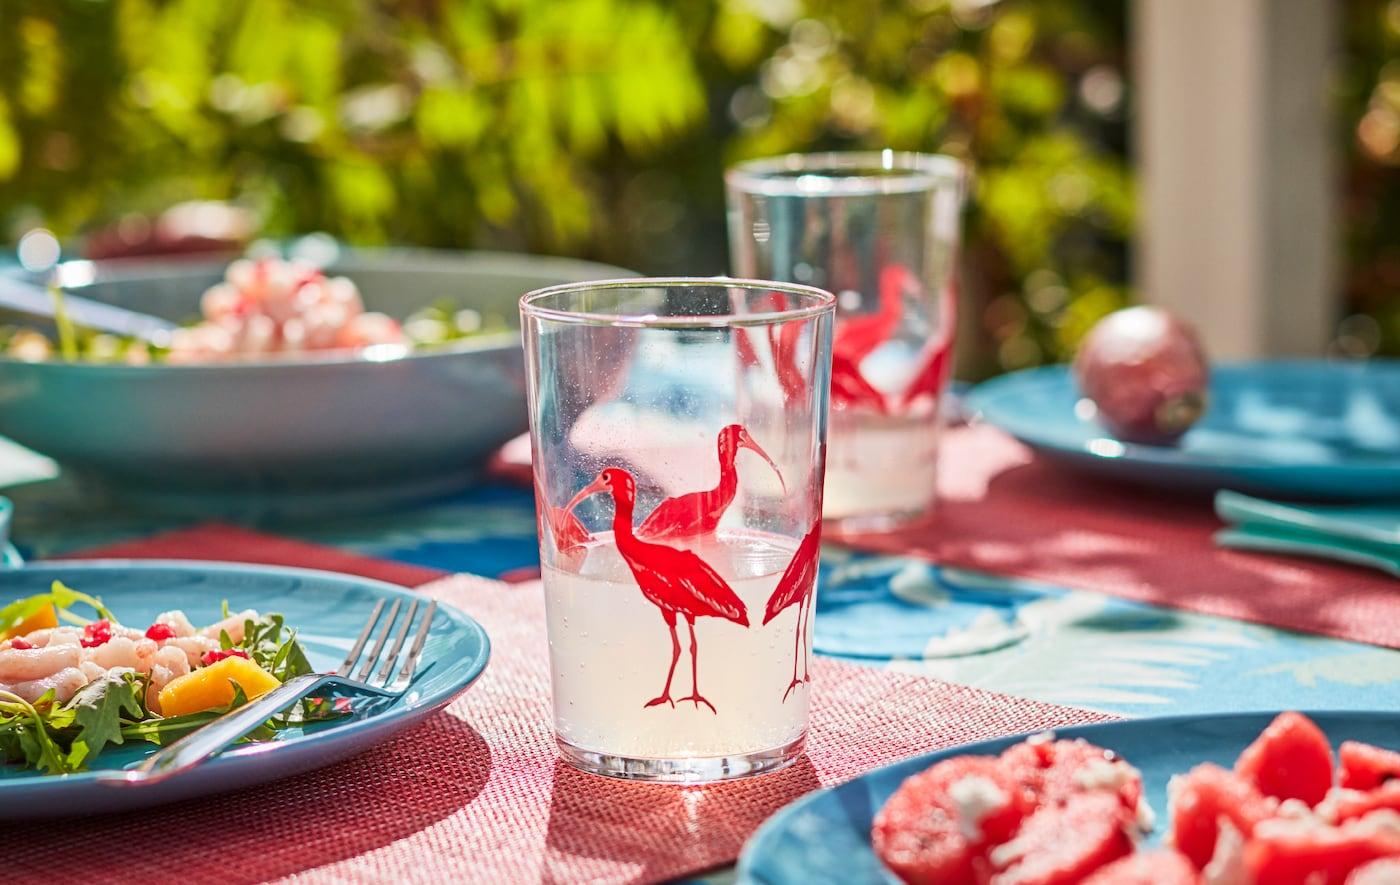 طاولة مشرقة بنور الشمس مجهزة في مساحة خارجية مع أواني زجاجية بألوان ونقوش صيفية مميزة. مأكولات خفيفة في الأطباق.